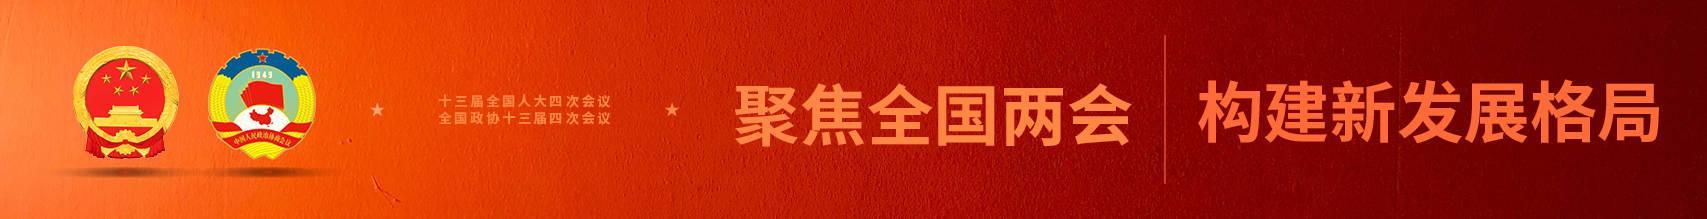 全国人大代表、华工科技董事长马新强:建议对引进的高端人才减免个税